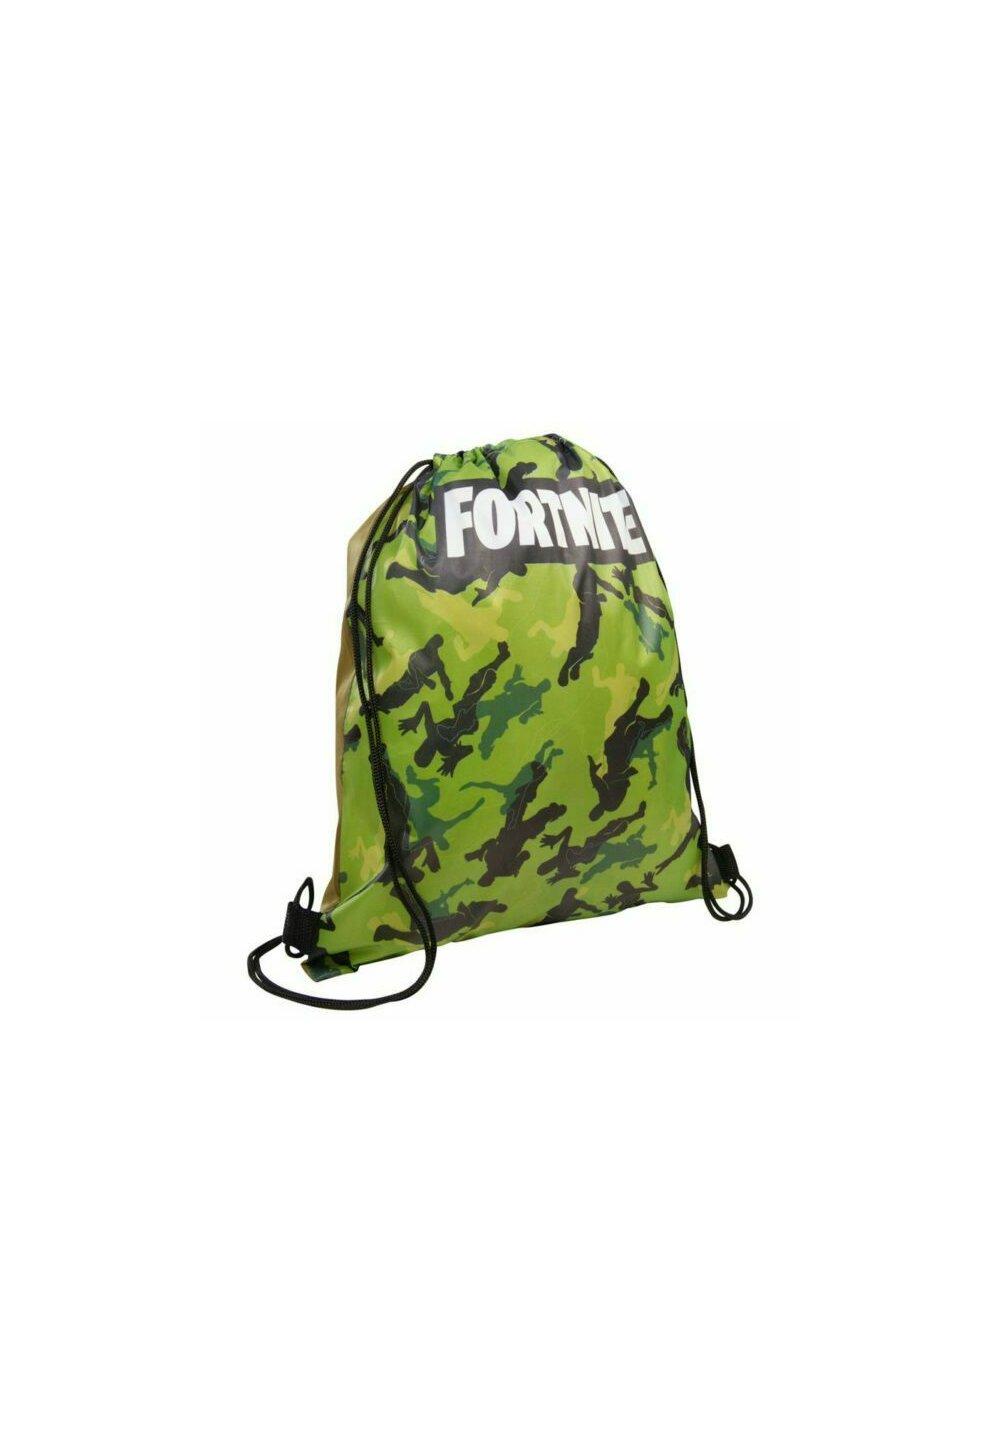 Sac, Fortnite, army imagine